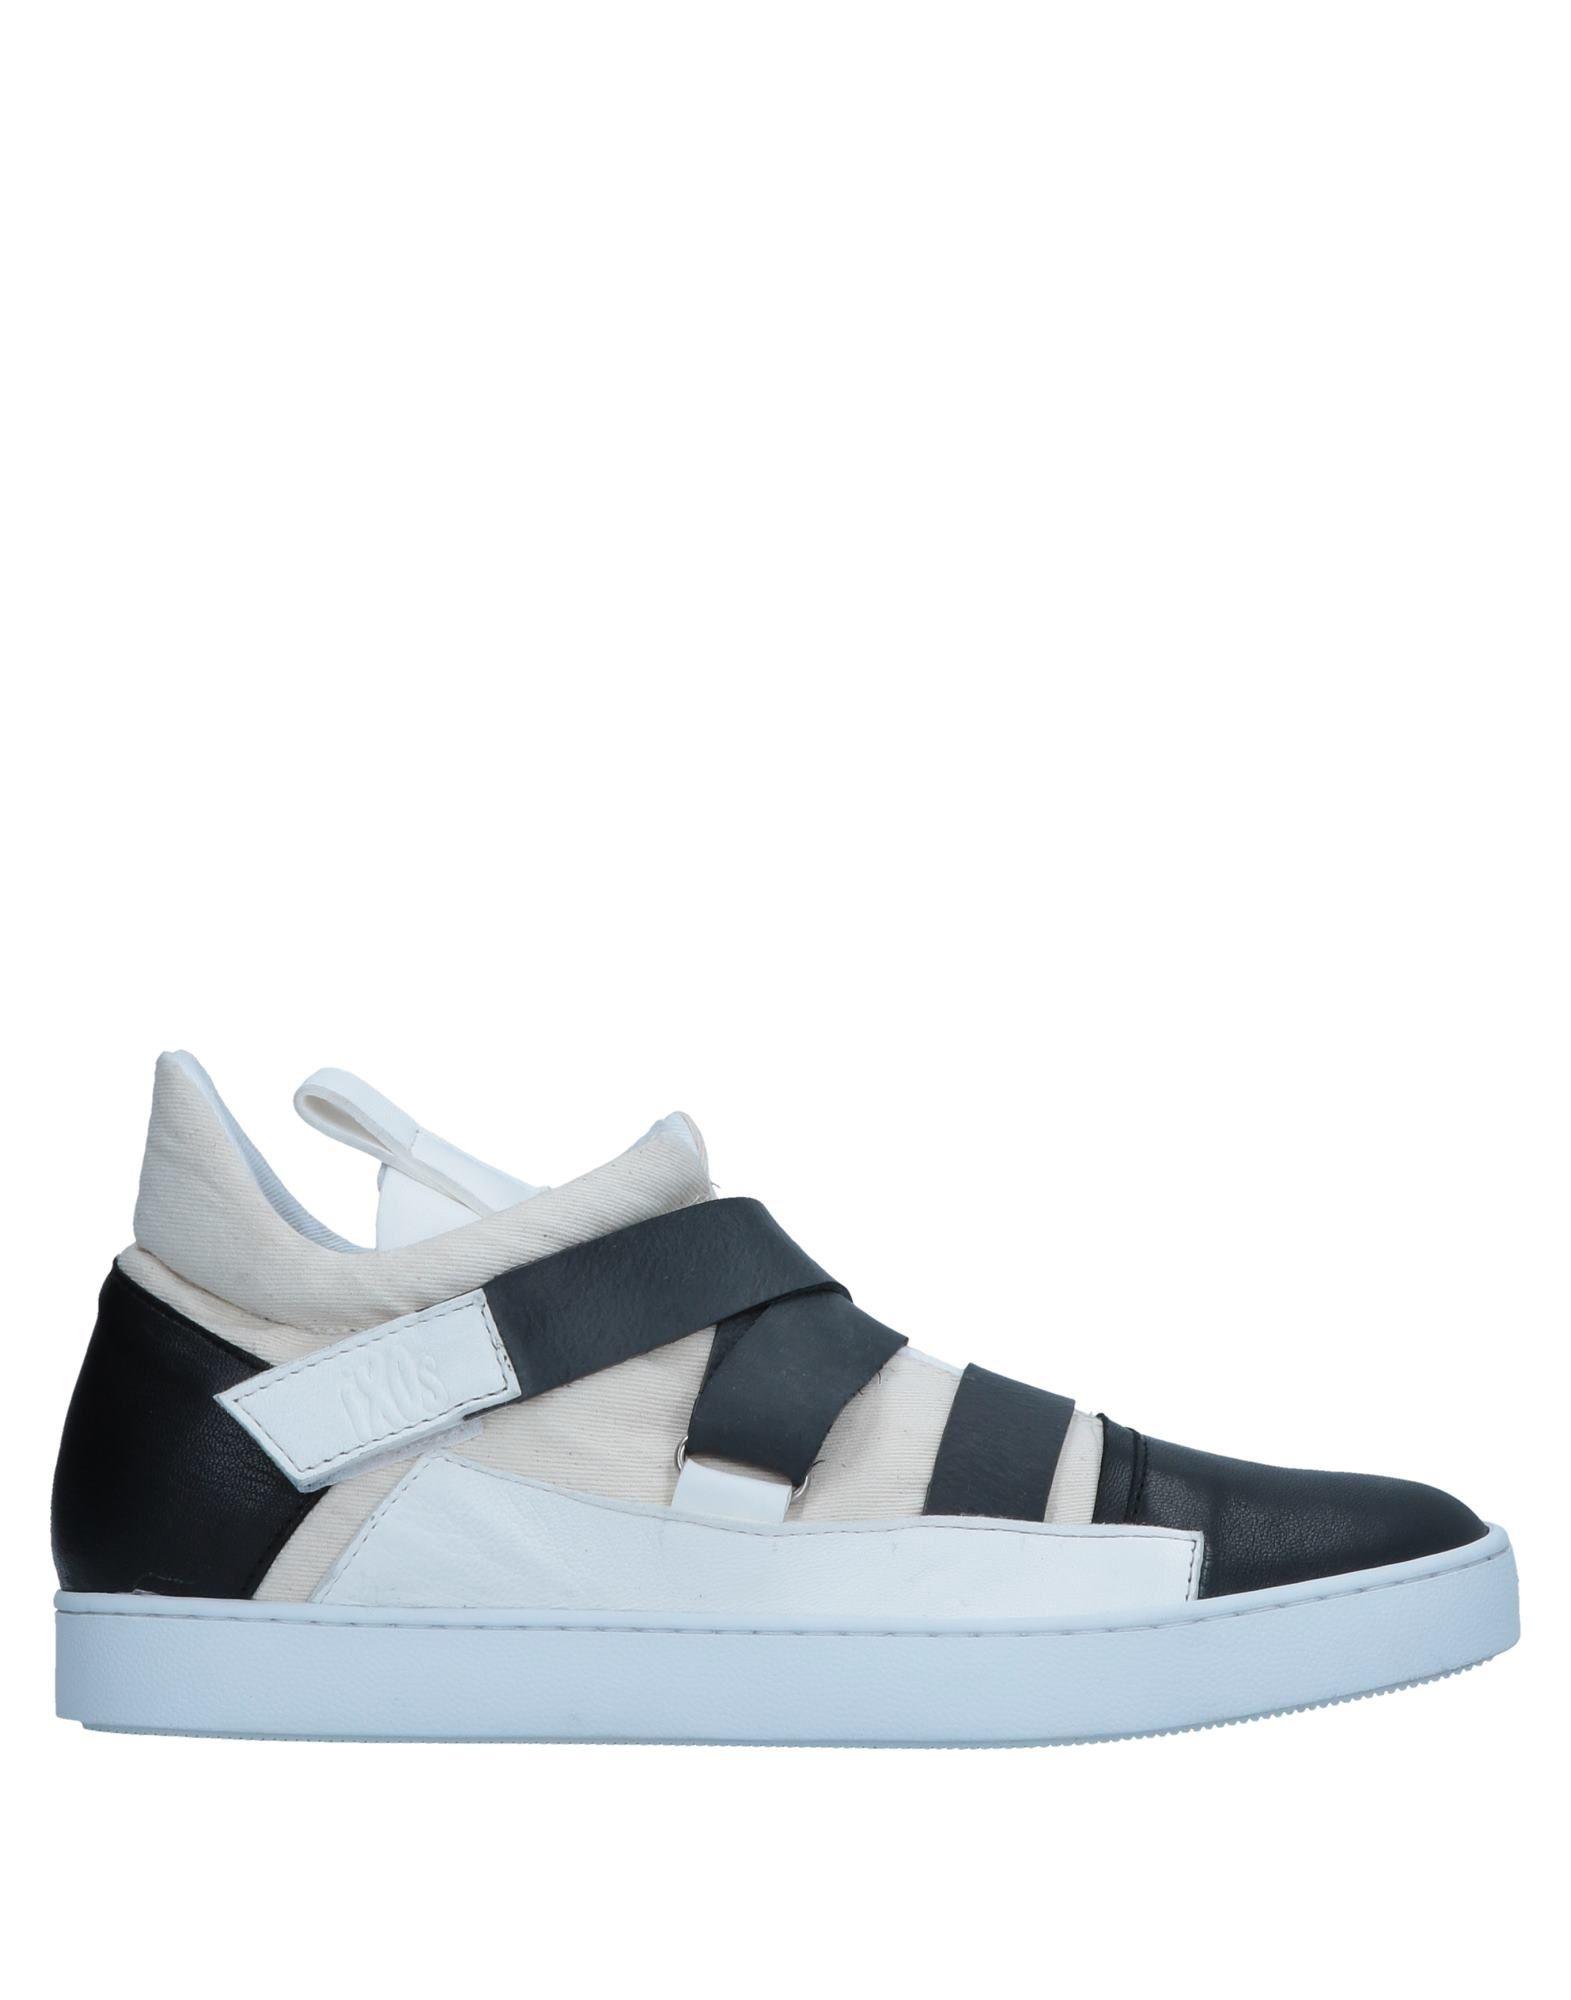 Scarpe economiche e resistenti Sneakers Ixos Donna - 11544781QB